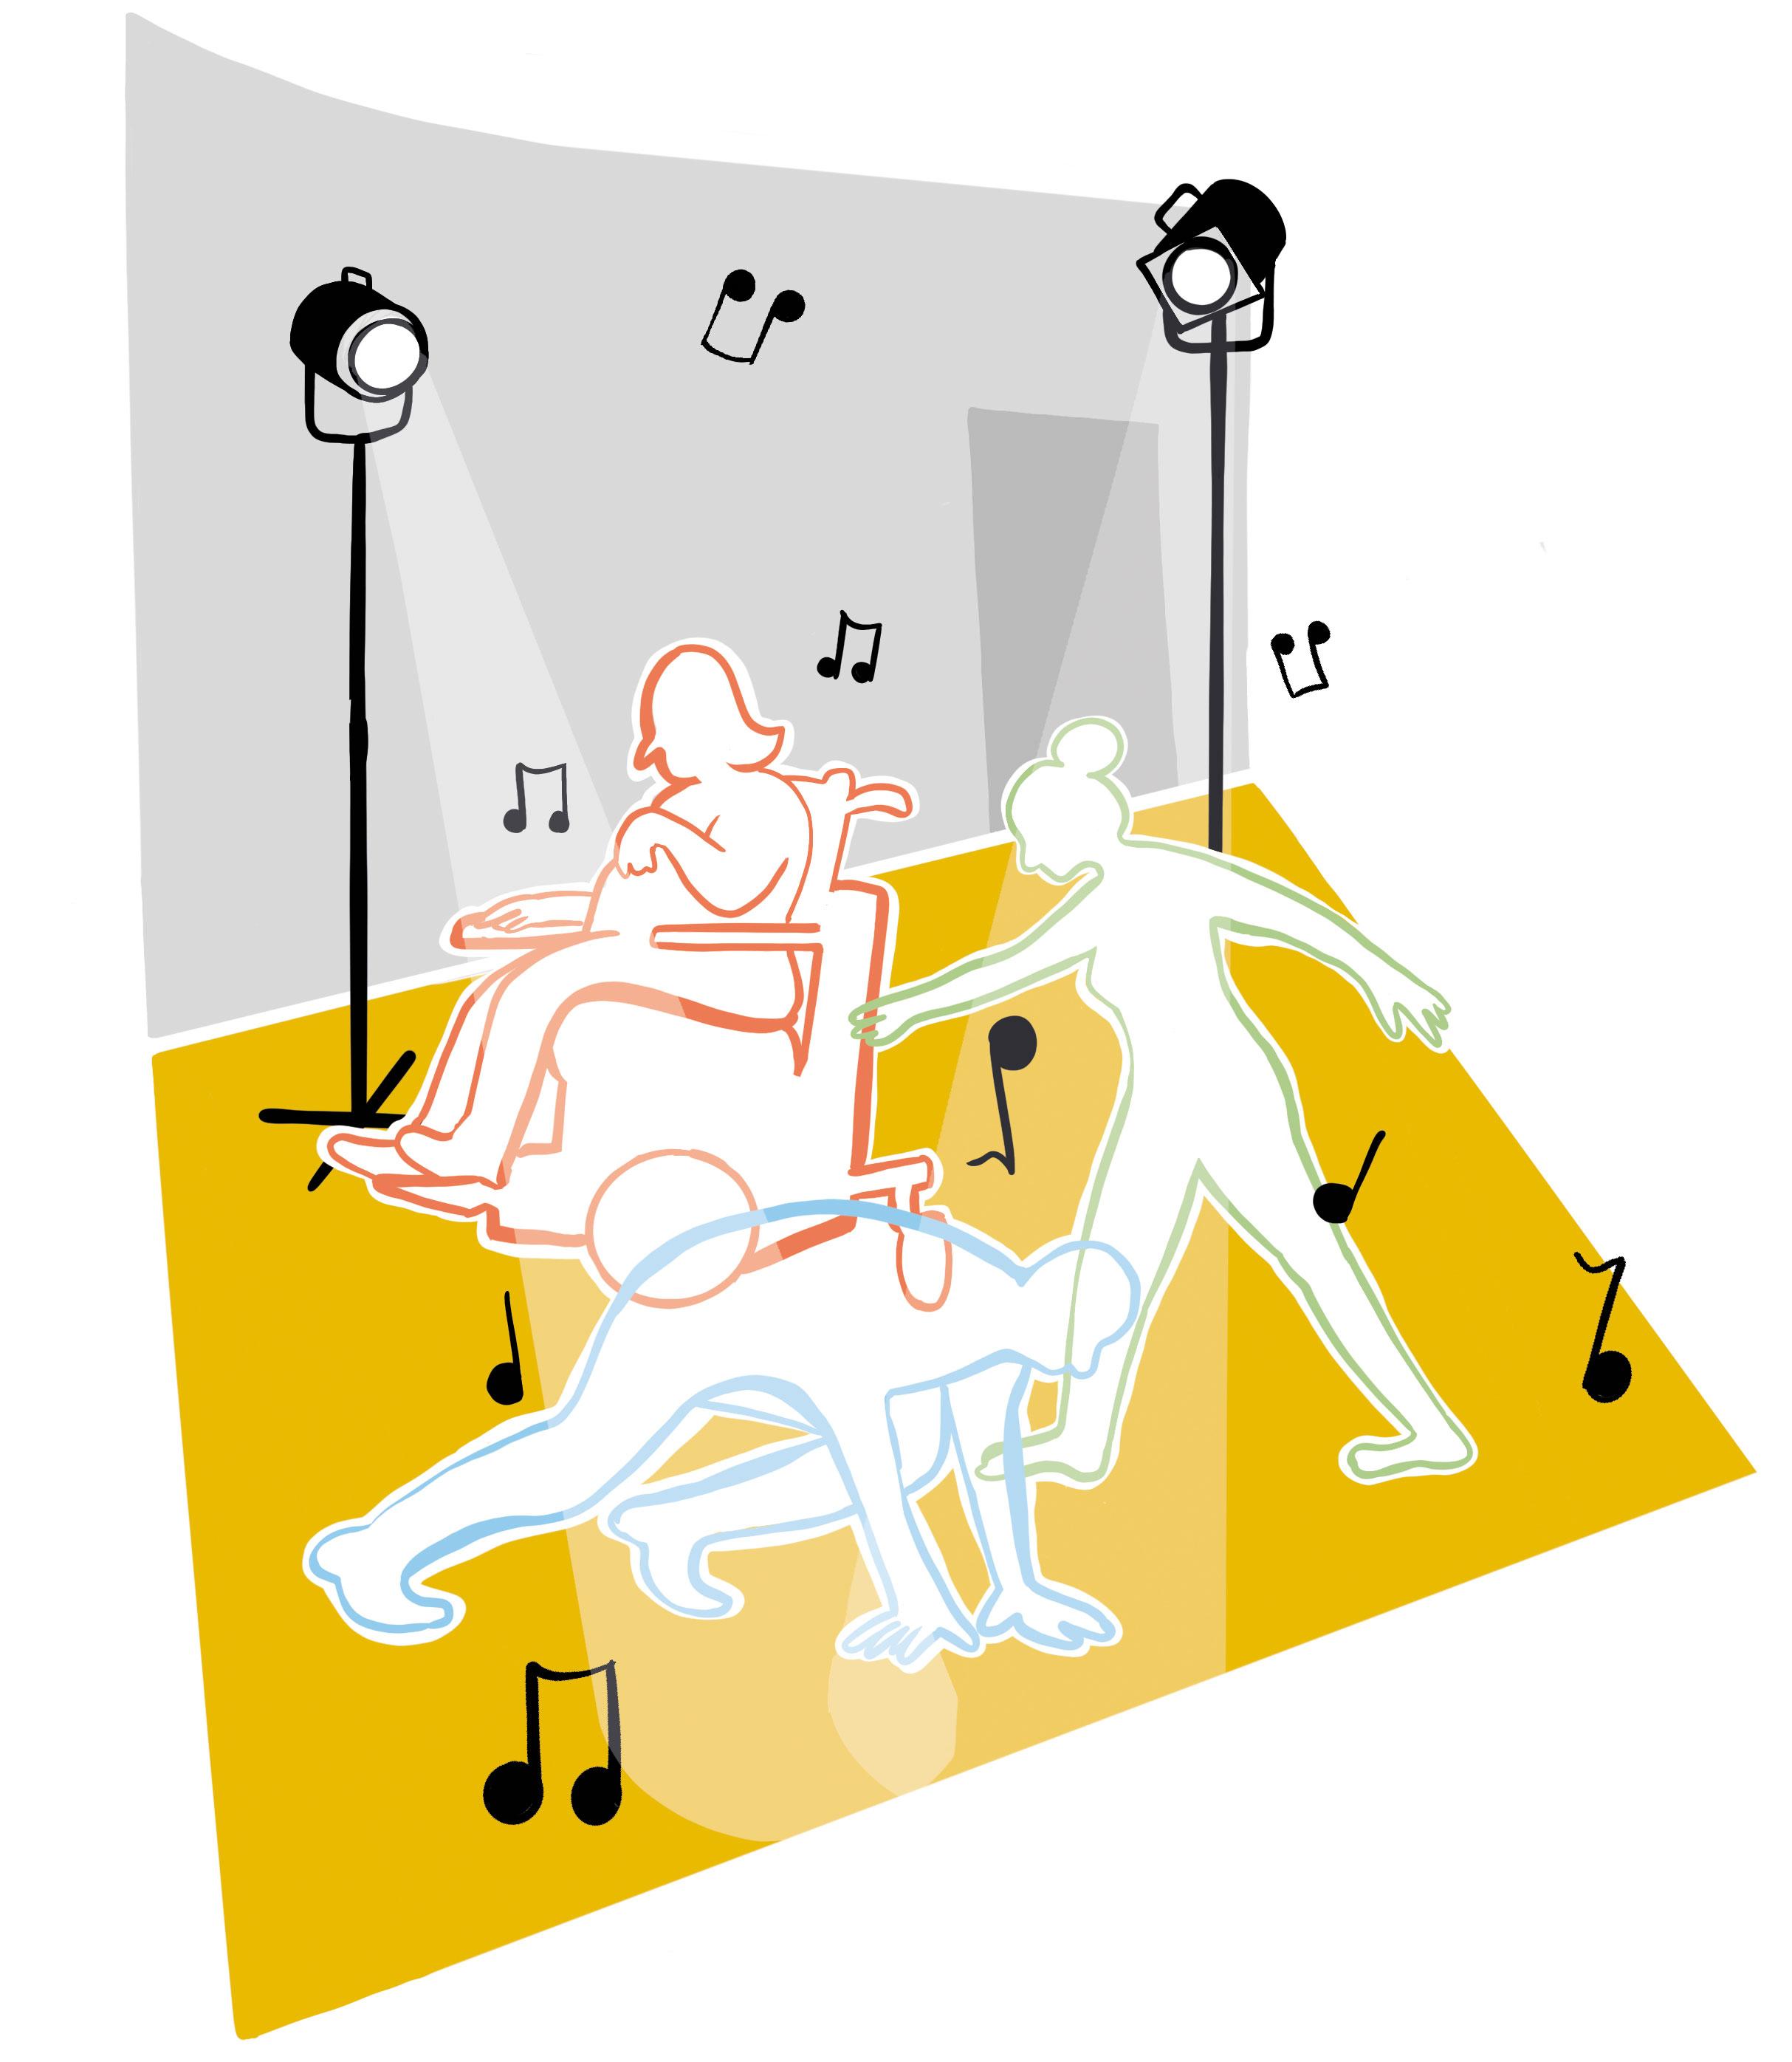 3 Tänzer:innen tanzen auf einer Bühne. Es wirkt chaotisch.